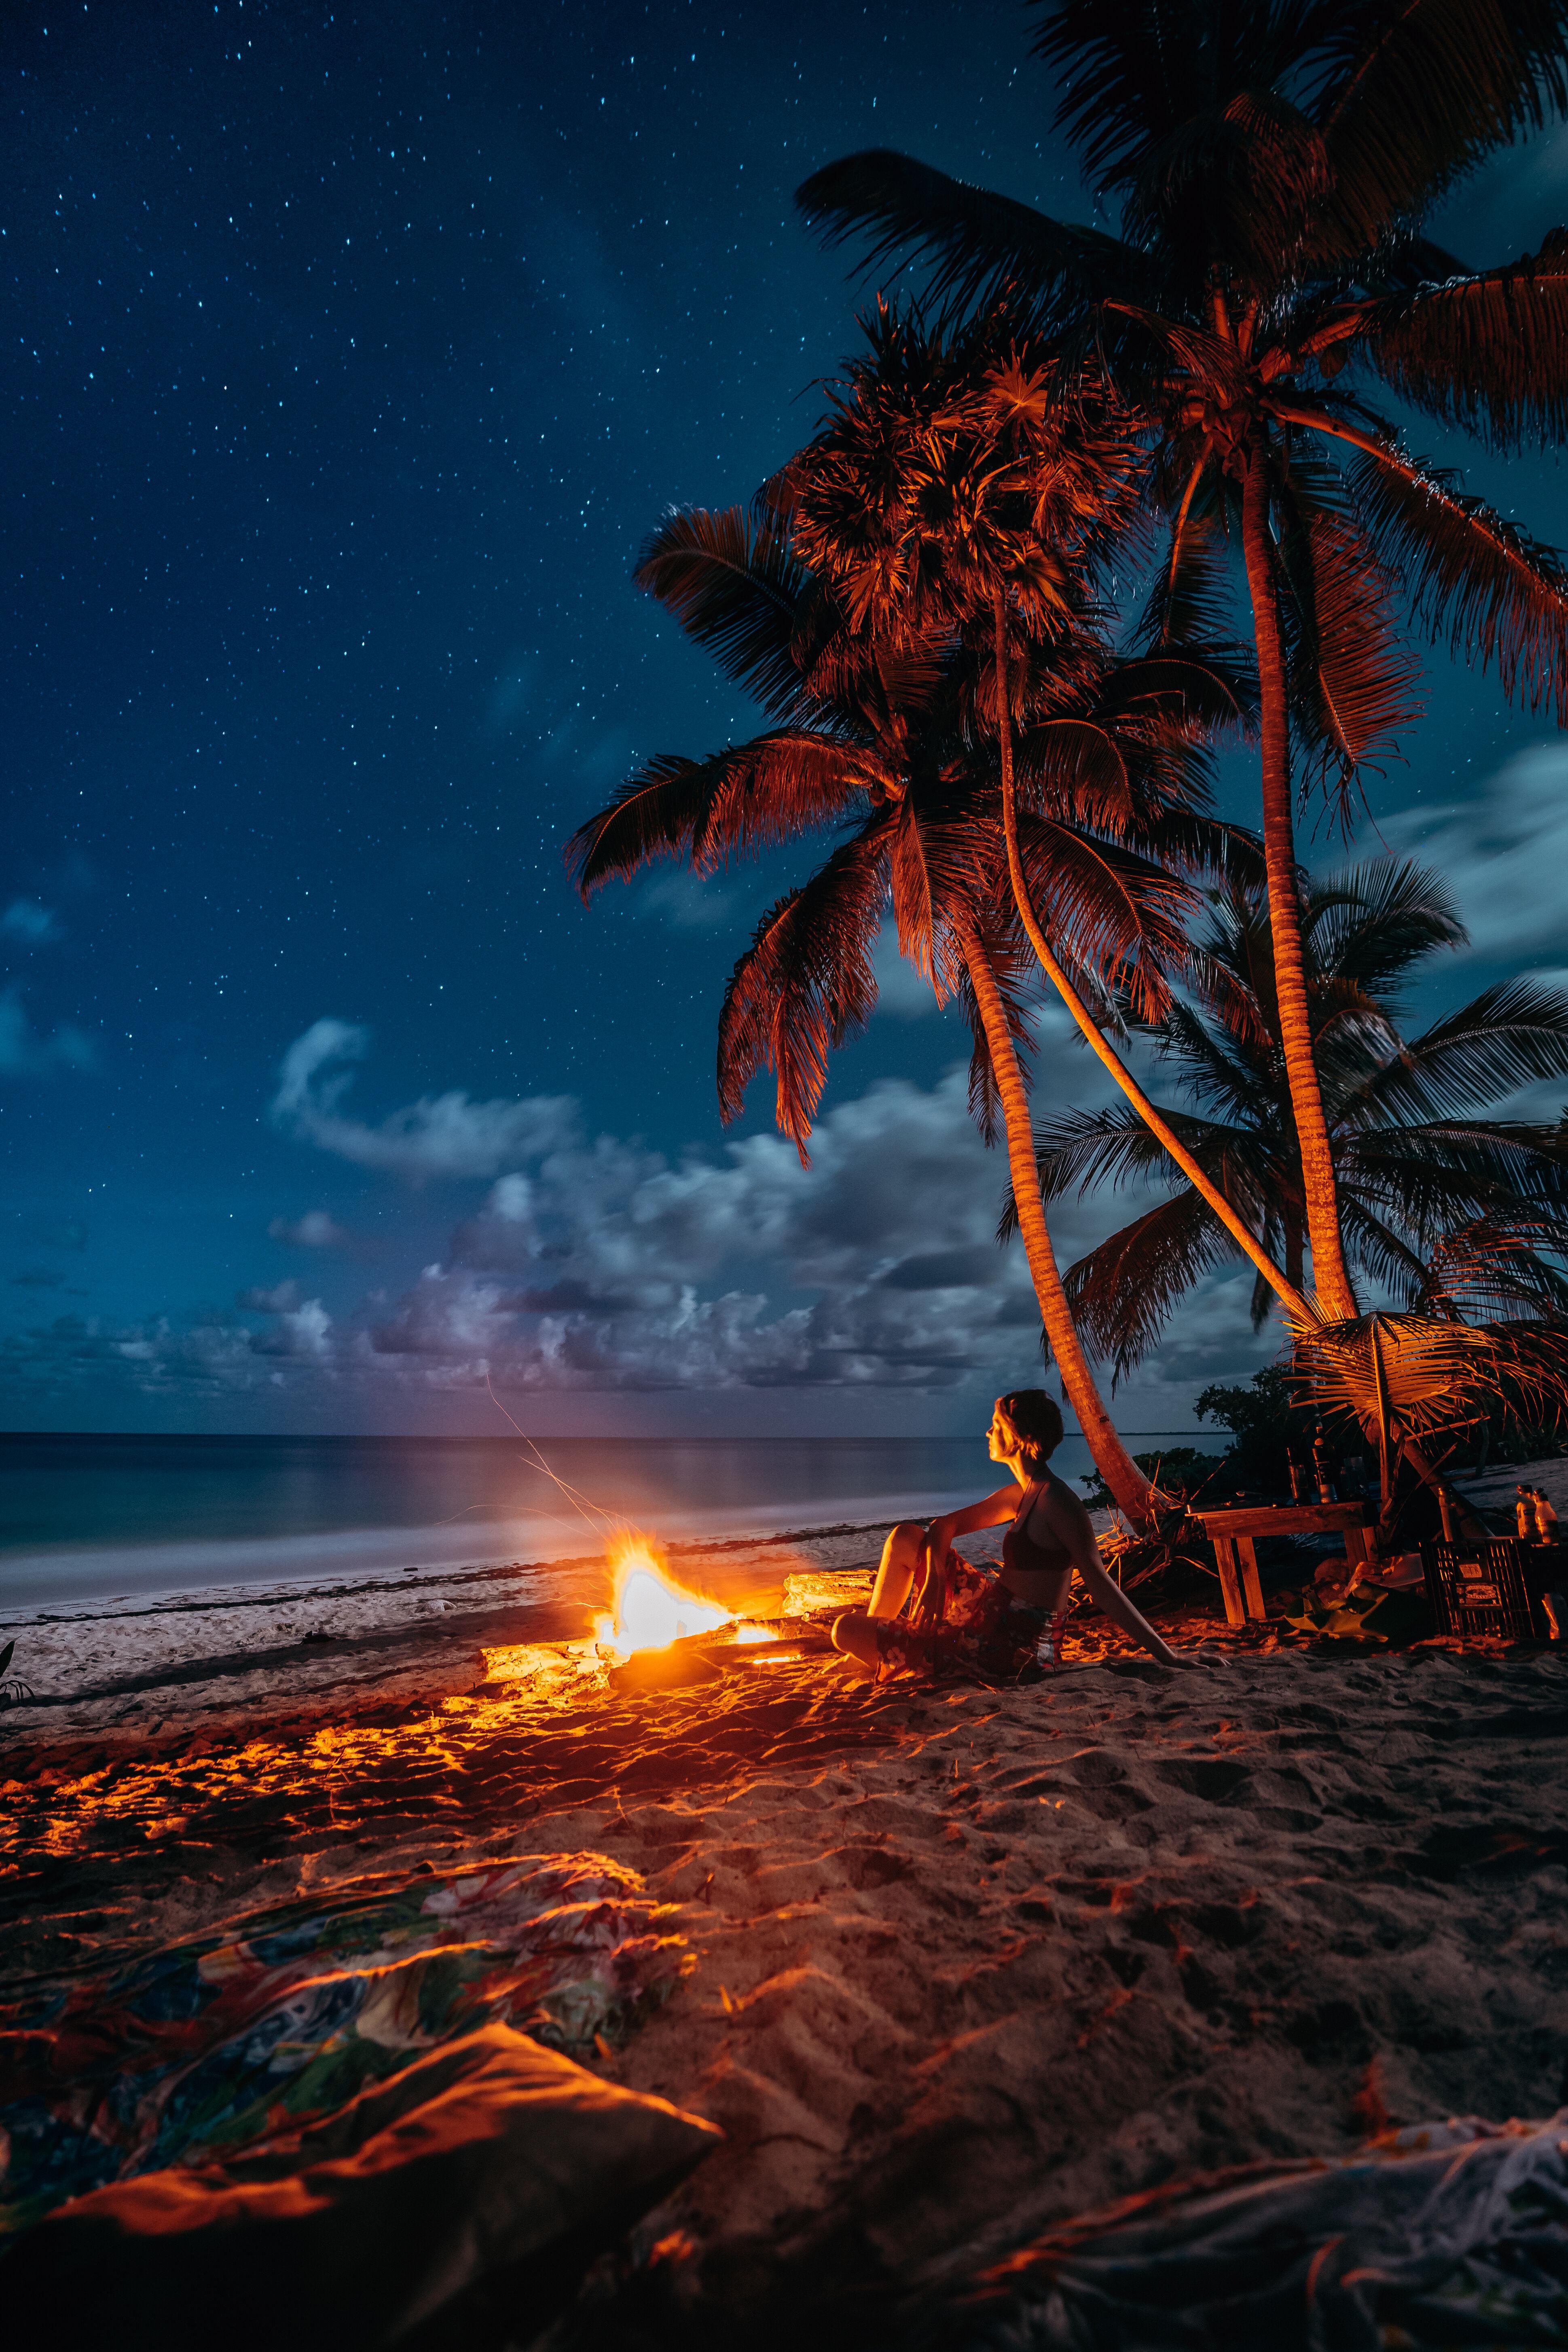 Uma noite na praia em Tulum, Quintana Roo